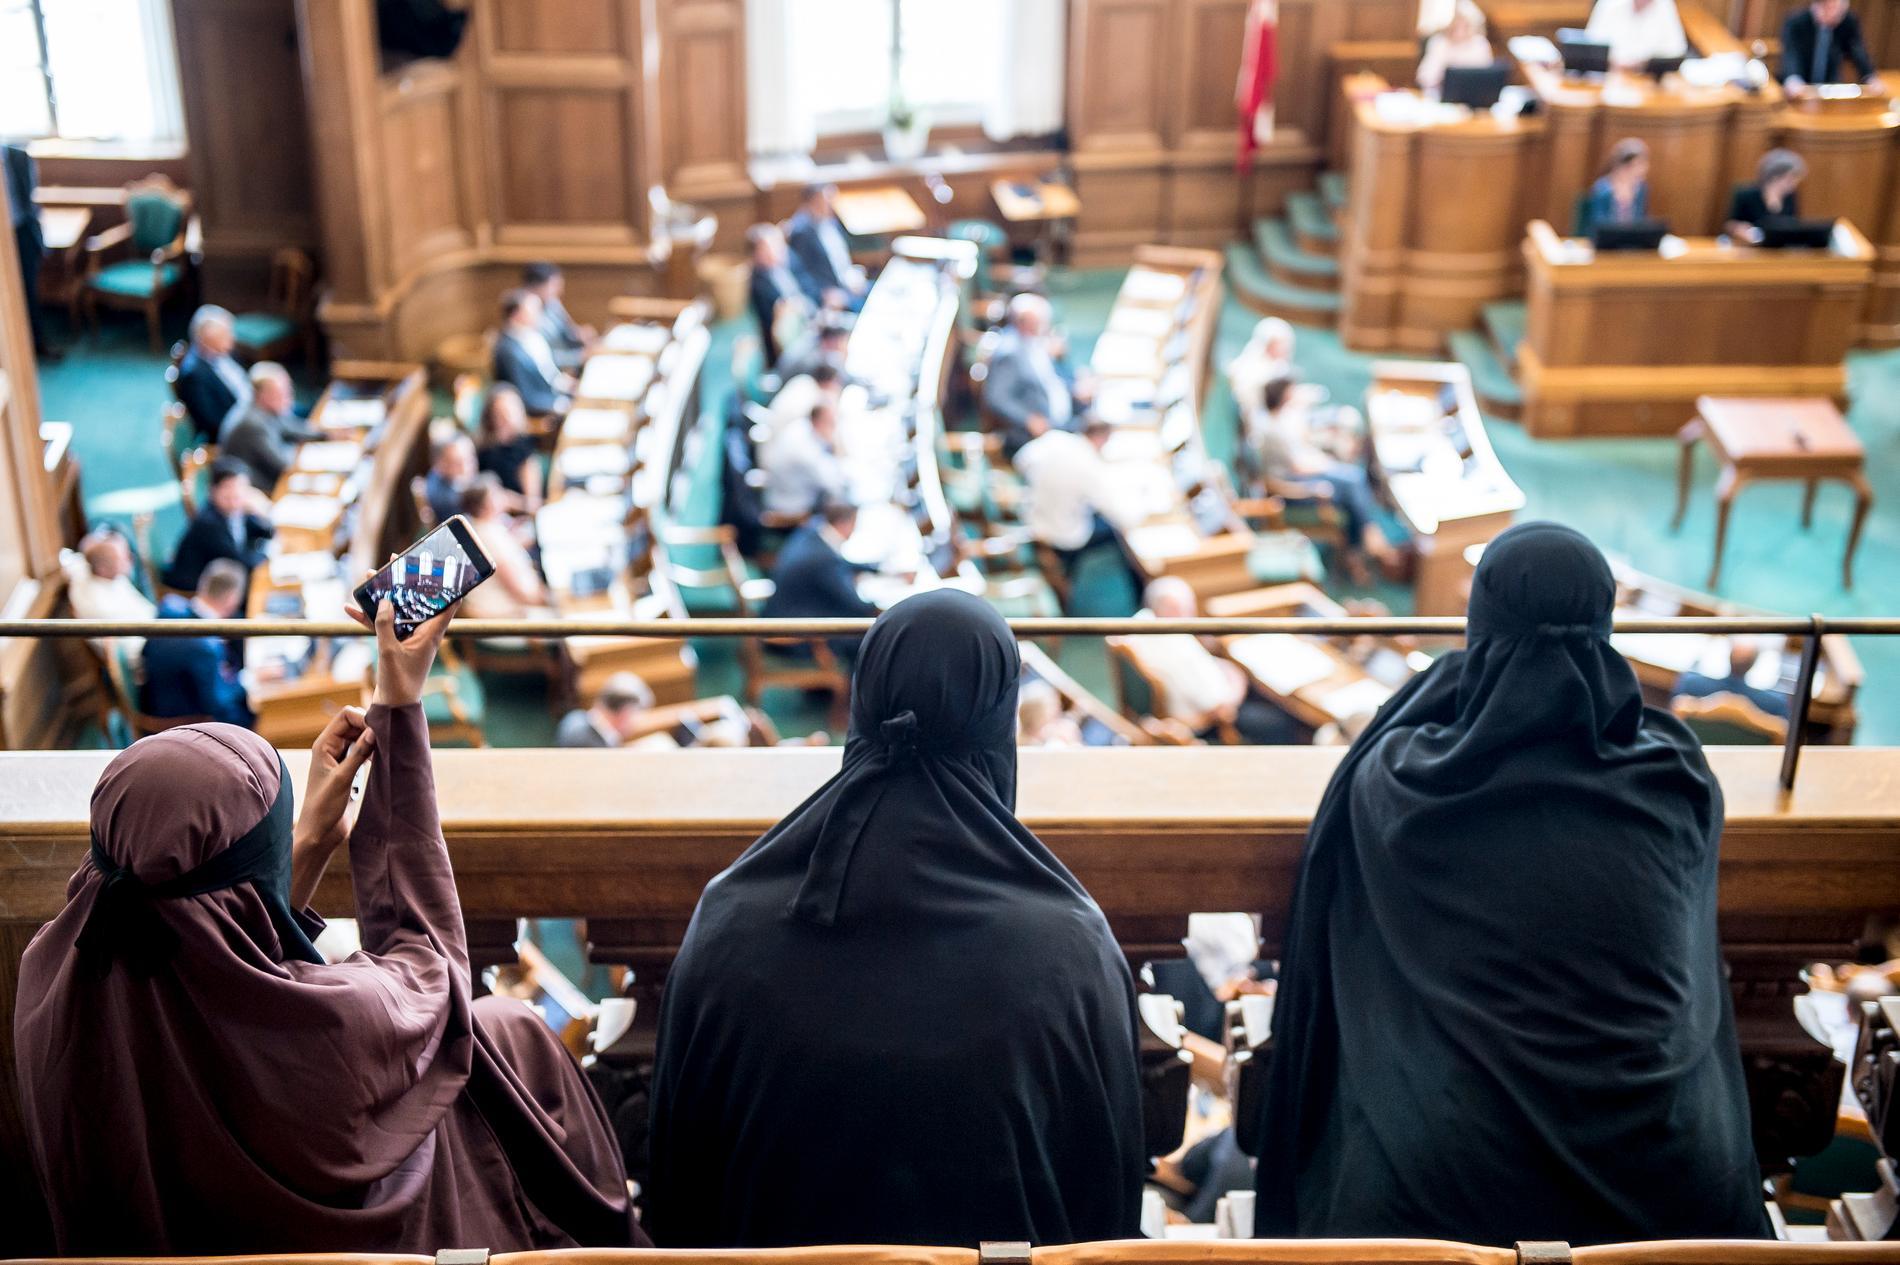 Folketinget i Danmark har röstat för ett förbud för niqab och burka. Förbudet börjar gälla redan den 1 augusti.